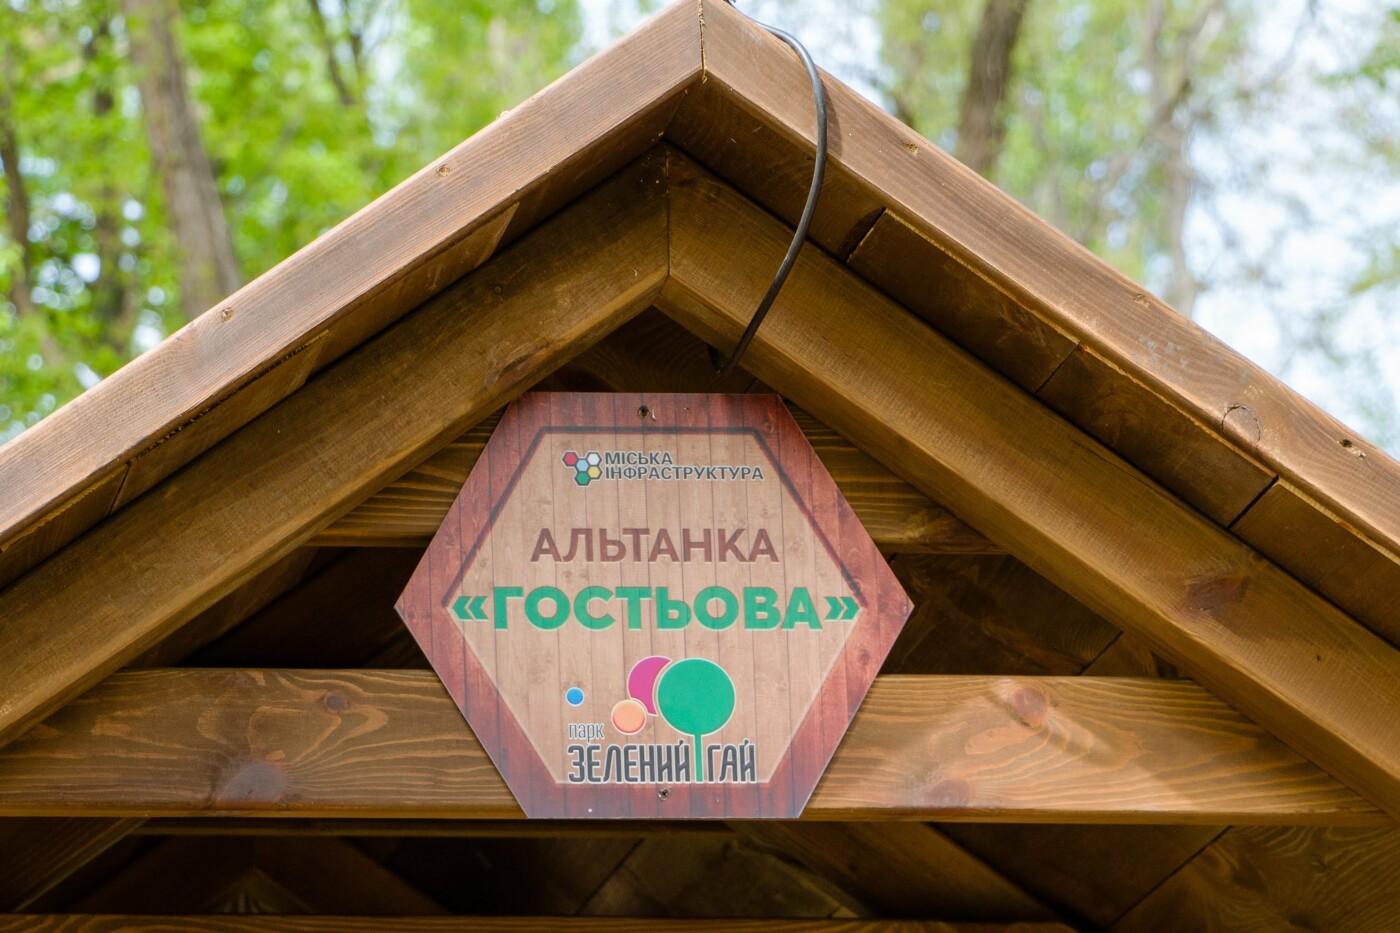 Зоны отдыха, фестивали и пикники: летняя программа парка Зеленый Гай, - ФОТО, фото-7